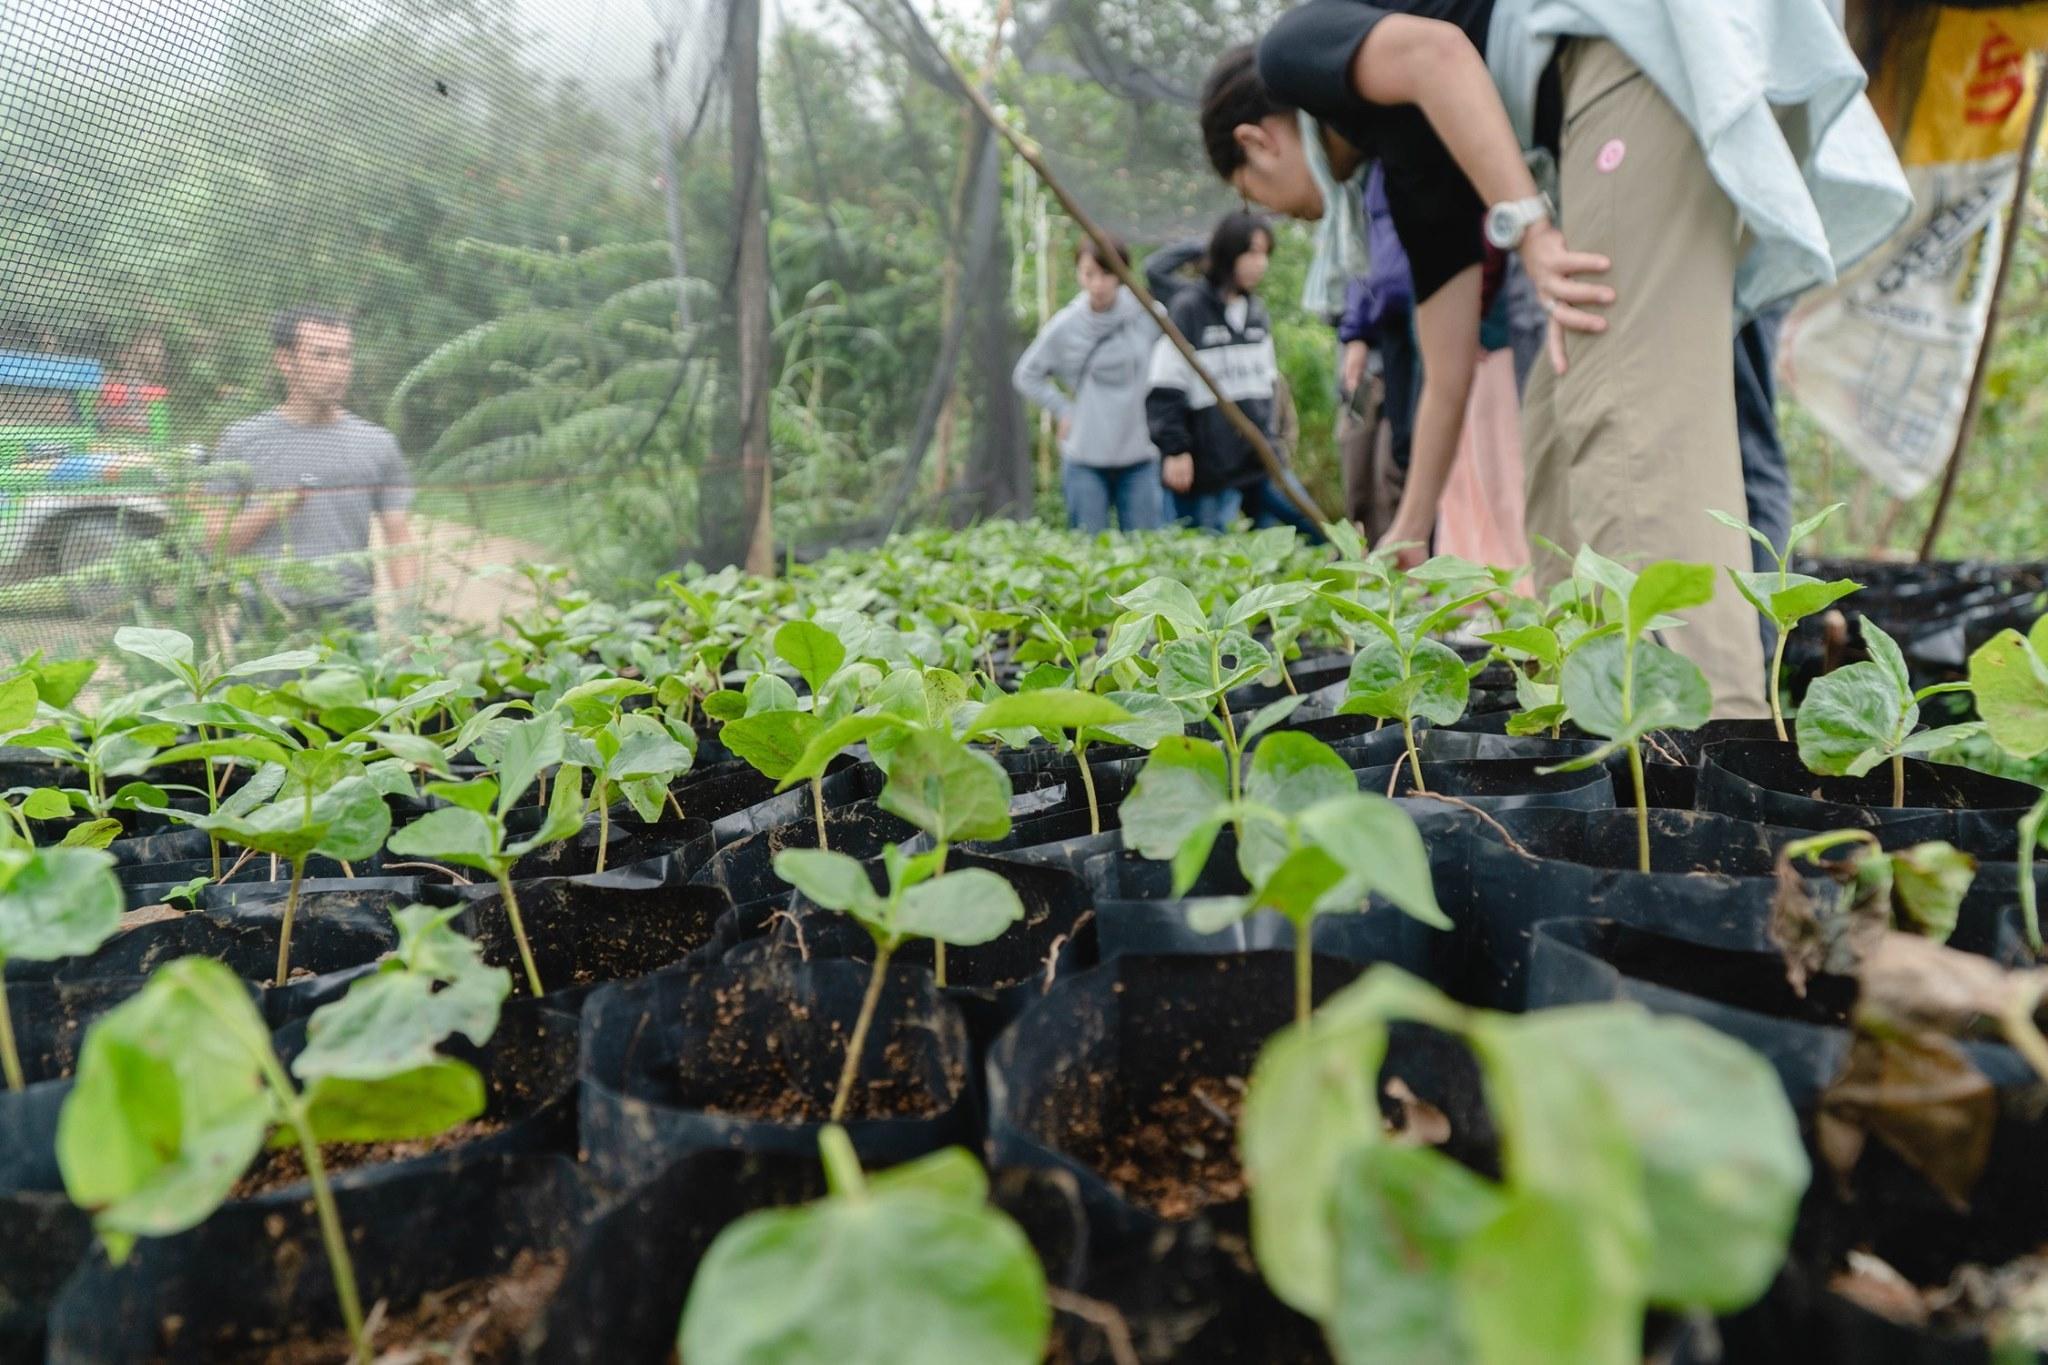 マナラボとの世界の人びとのためのJICA基金事業「小規模農家によるコーヒー生産のための加工・運営指導プロジェクト」_b0128901_20434385.jpg